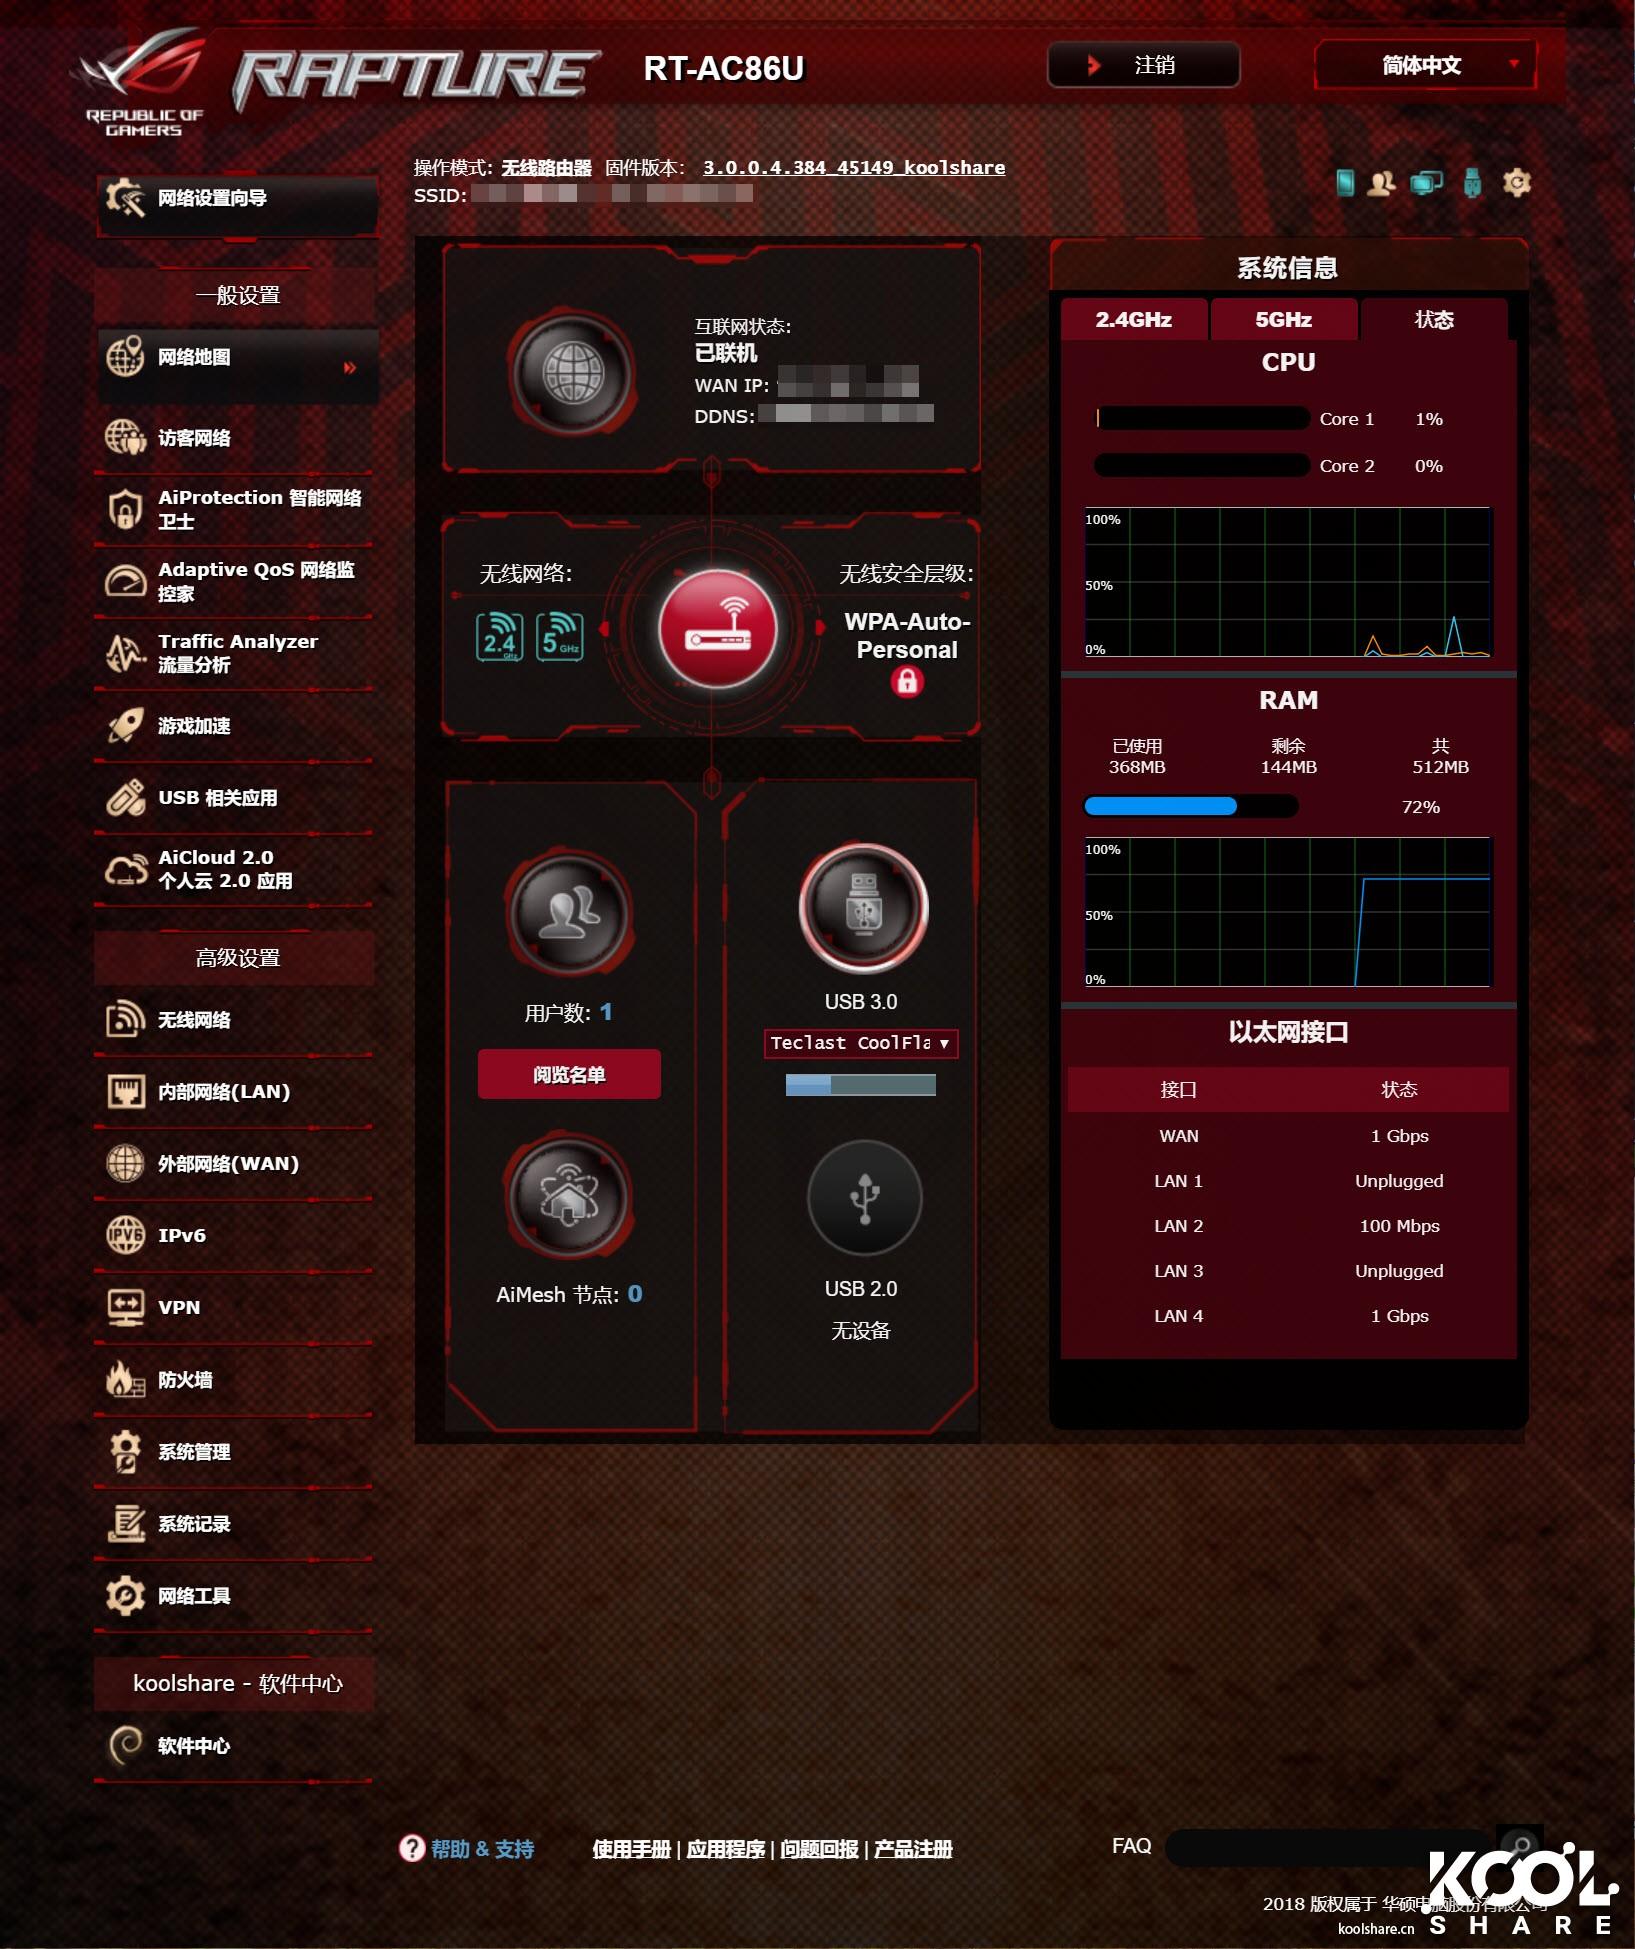 《华硕 ac86u 梅林固件最新版本 384.8_2》